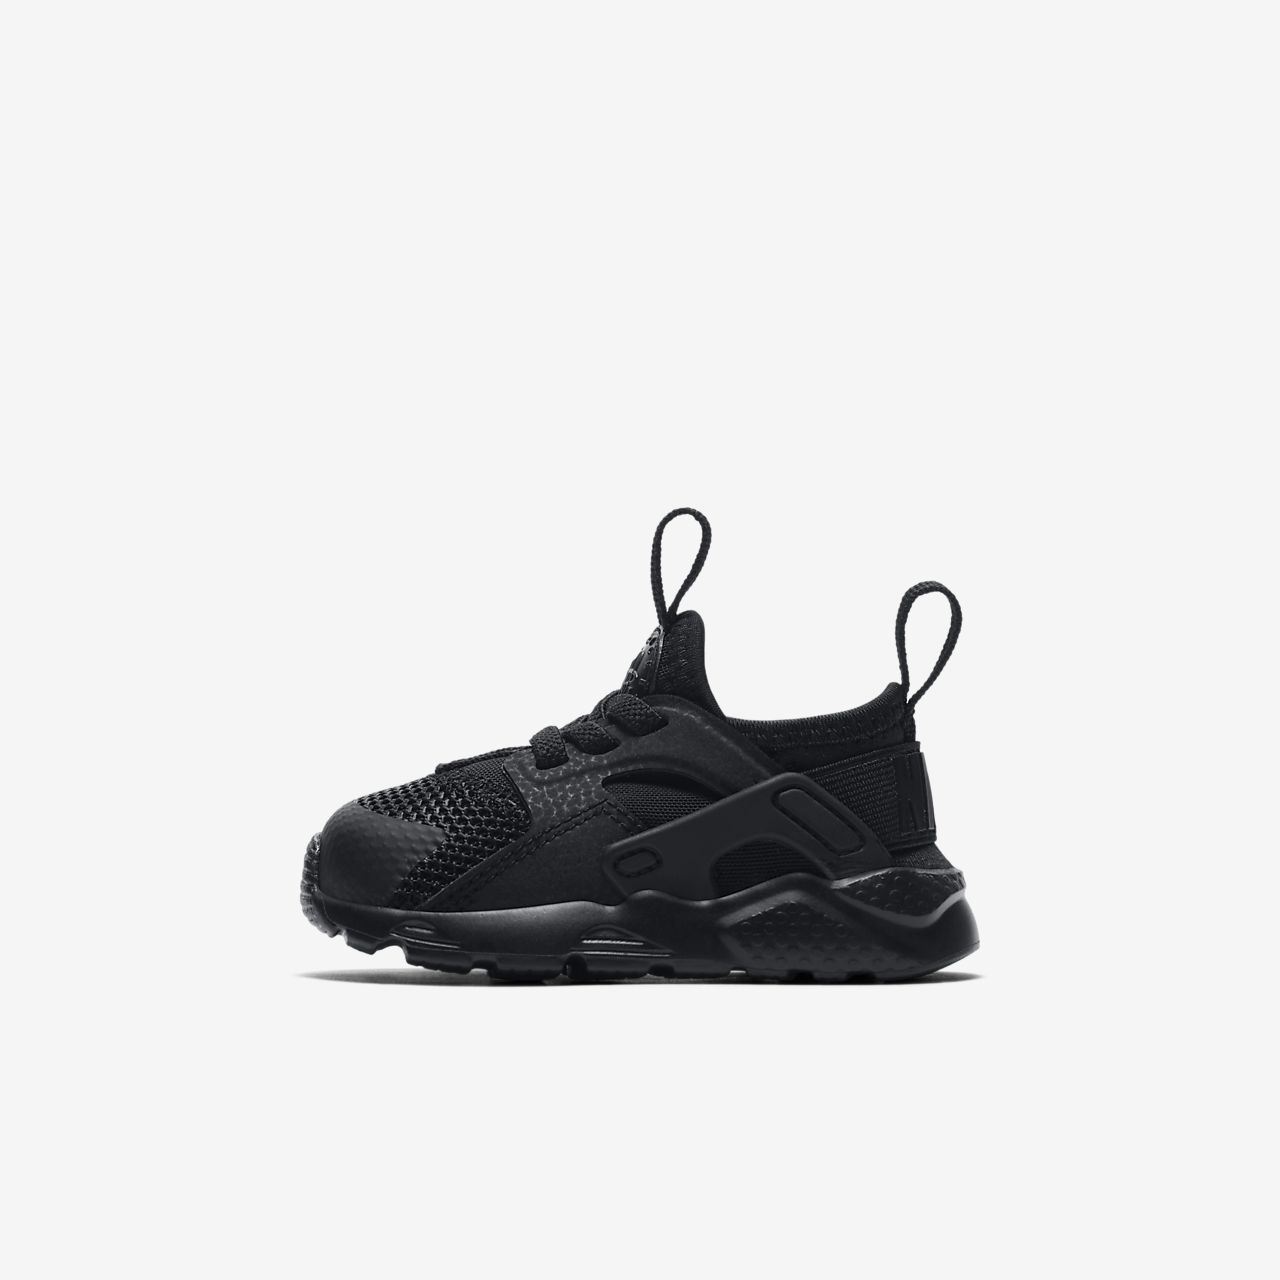 3e8a8666893e6 Chaussure Nike Huarache Ultra pour Petit enfant. Nike.com FR